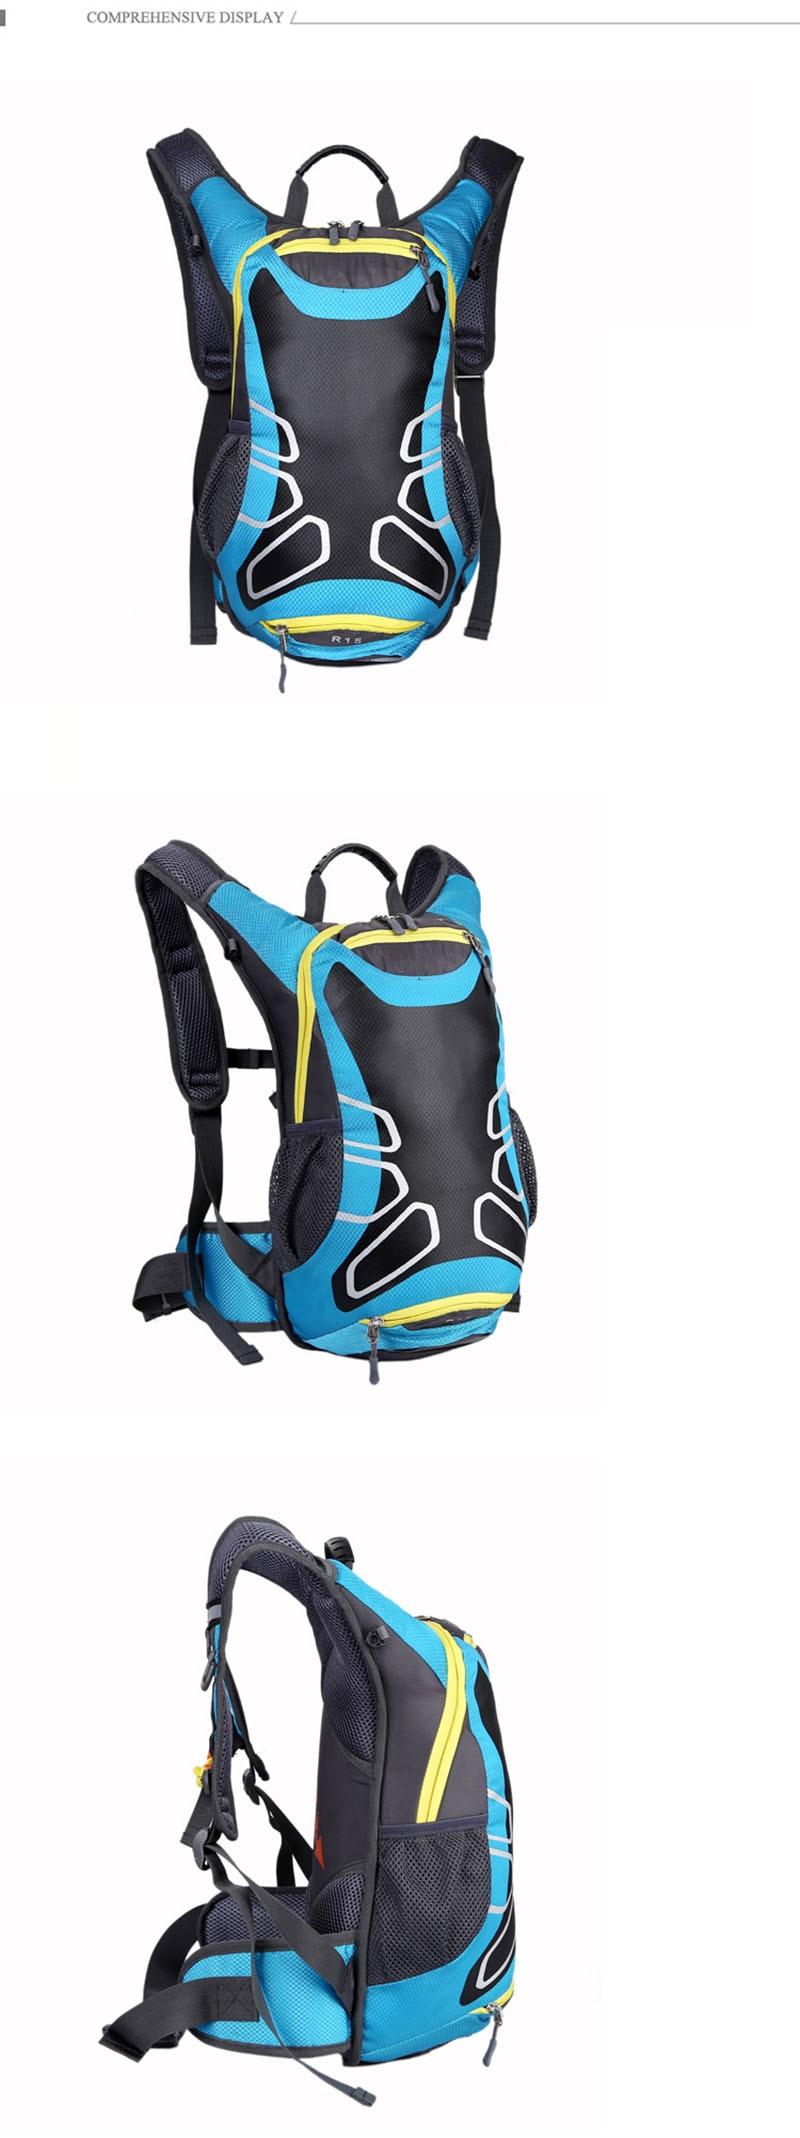 15l ciclismo sacos de basquete malha mochila